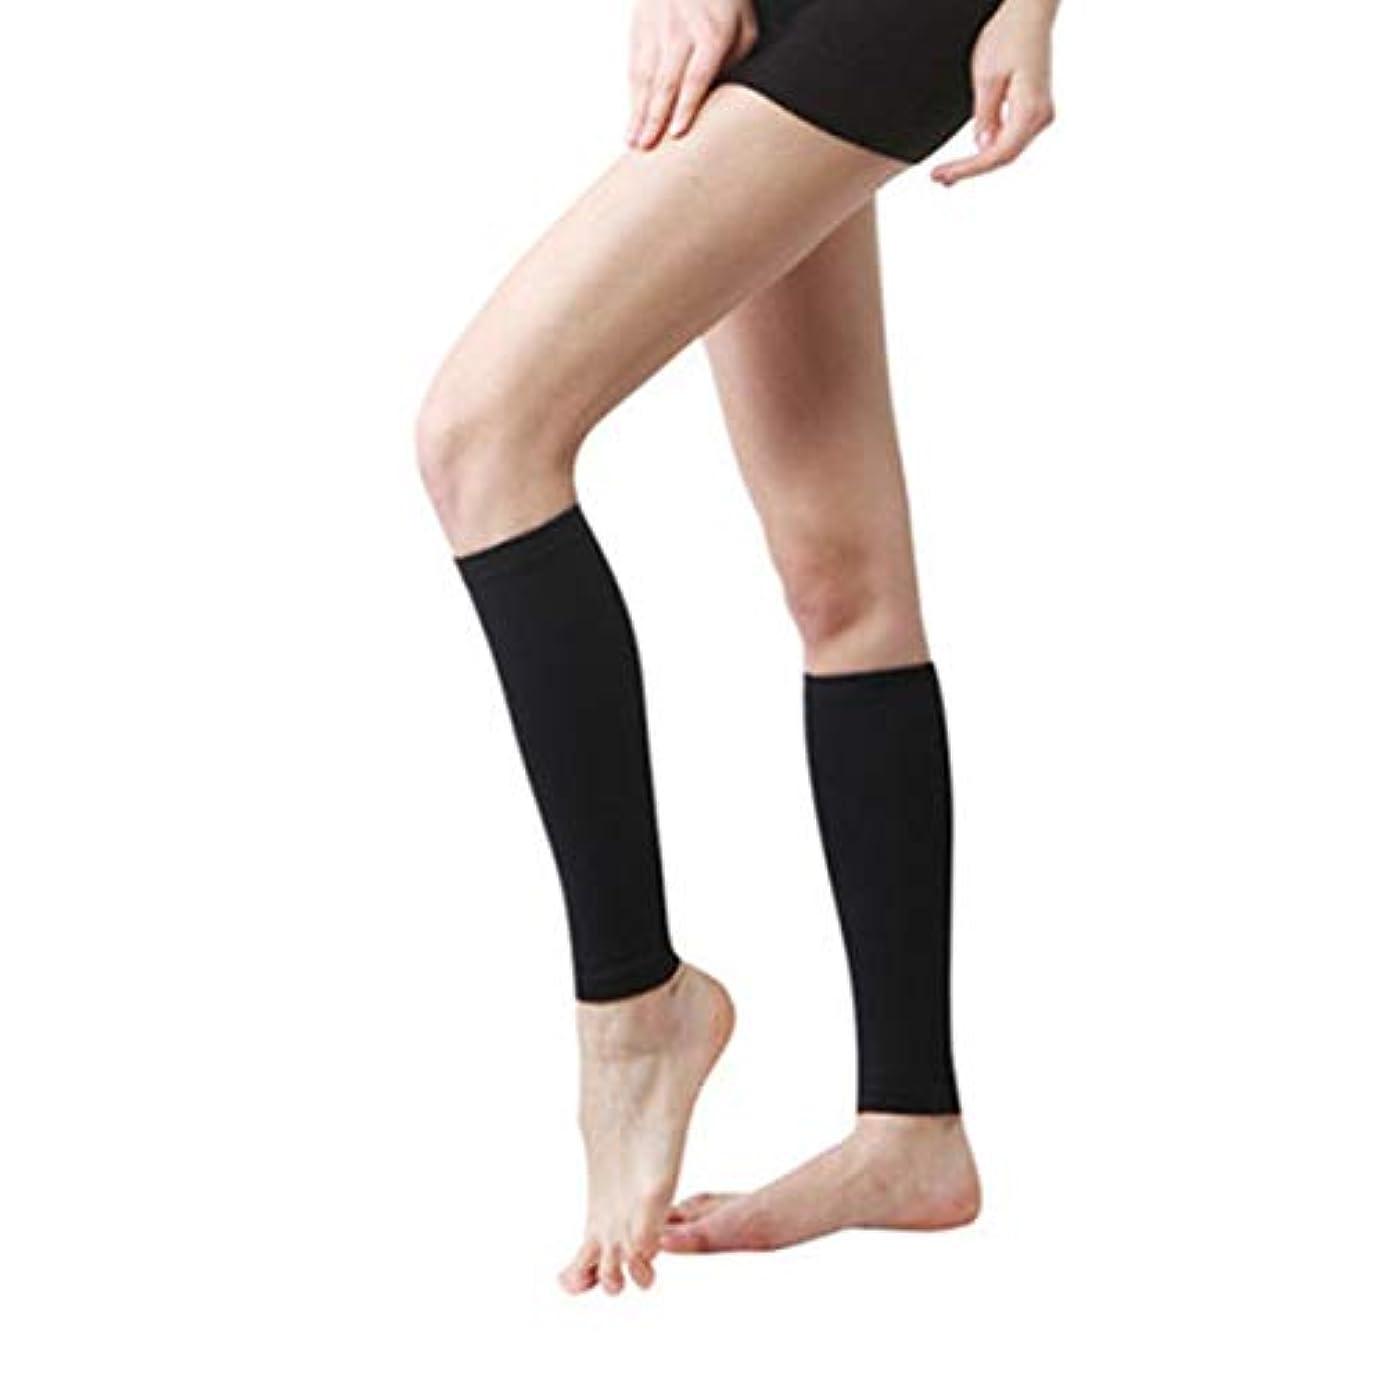 平衡せせらぎベジタリアン丈夫な男性女性プロの圧縮靴下通気性のある旅行活動看護師用シンススプリントフライトトラベル - ブラック